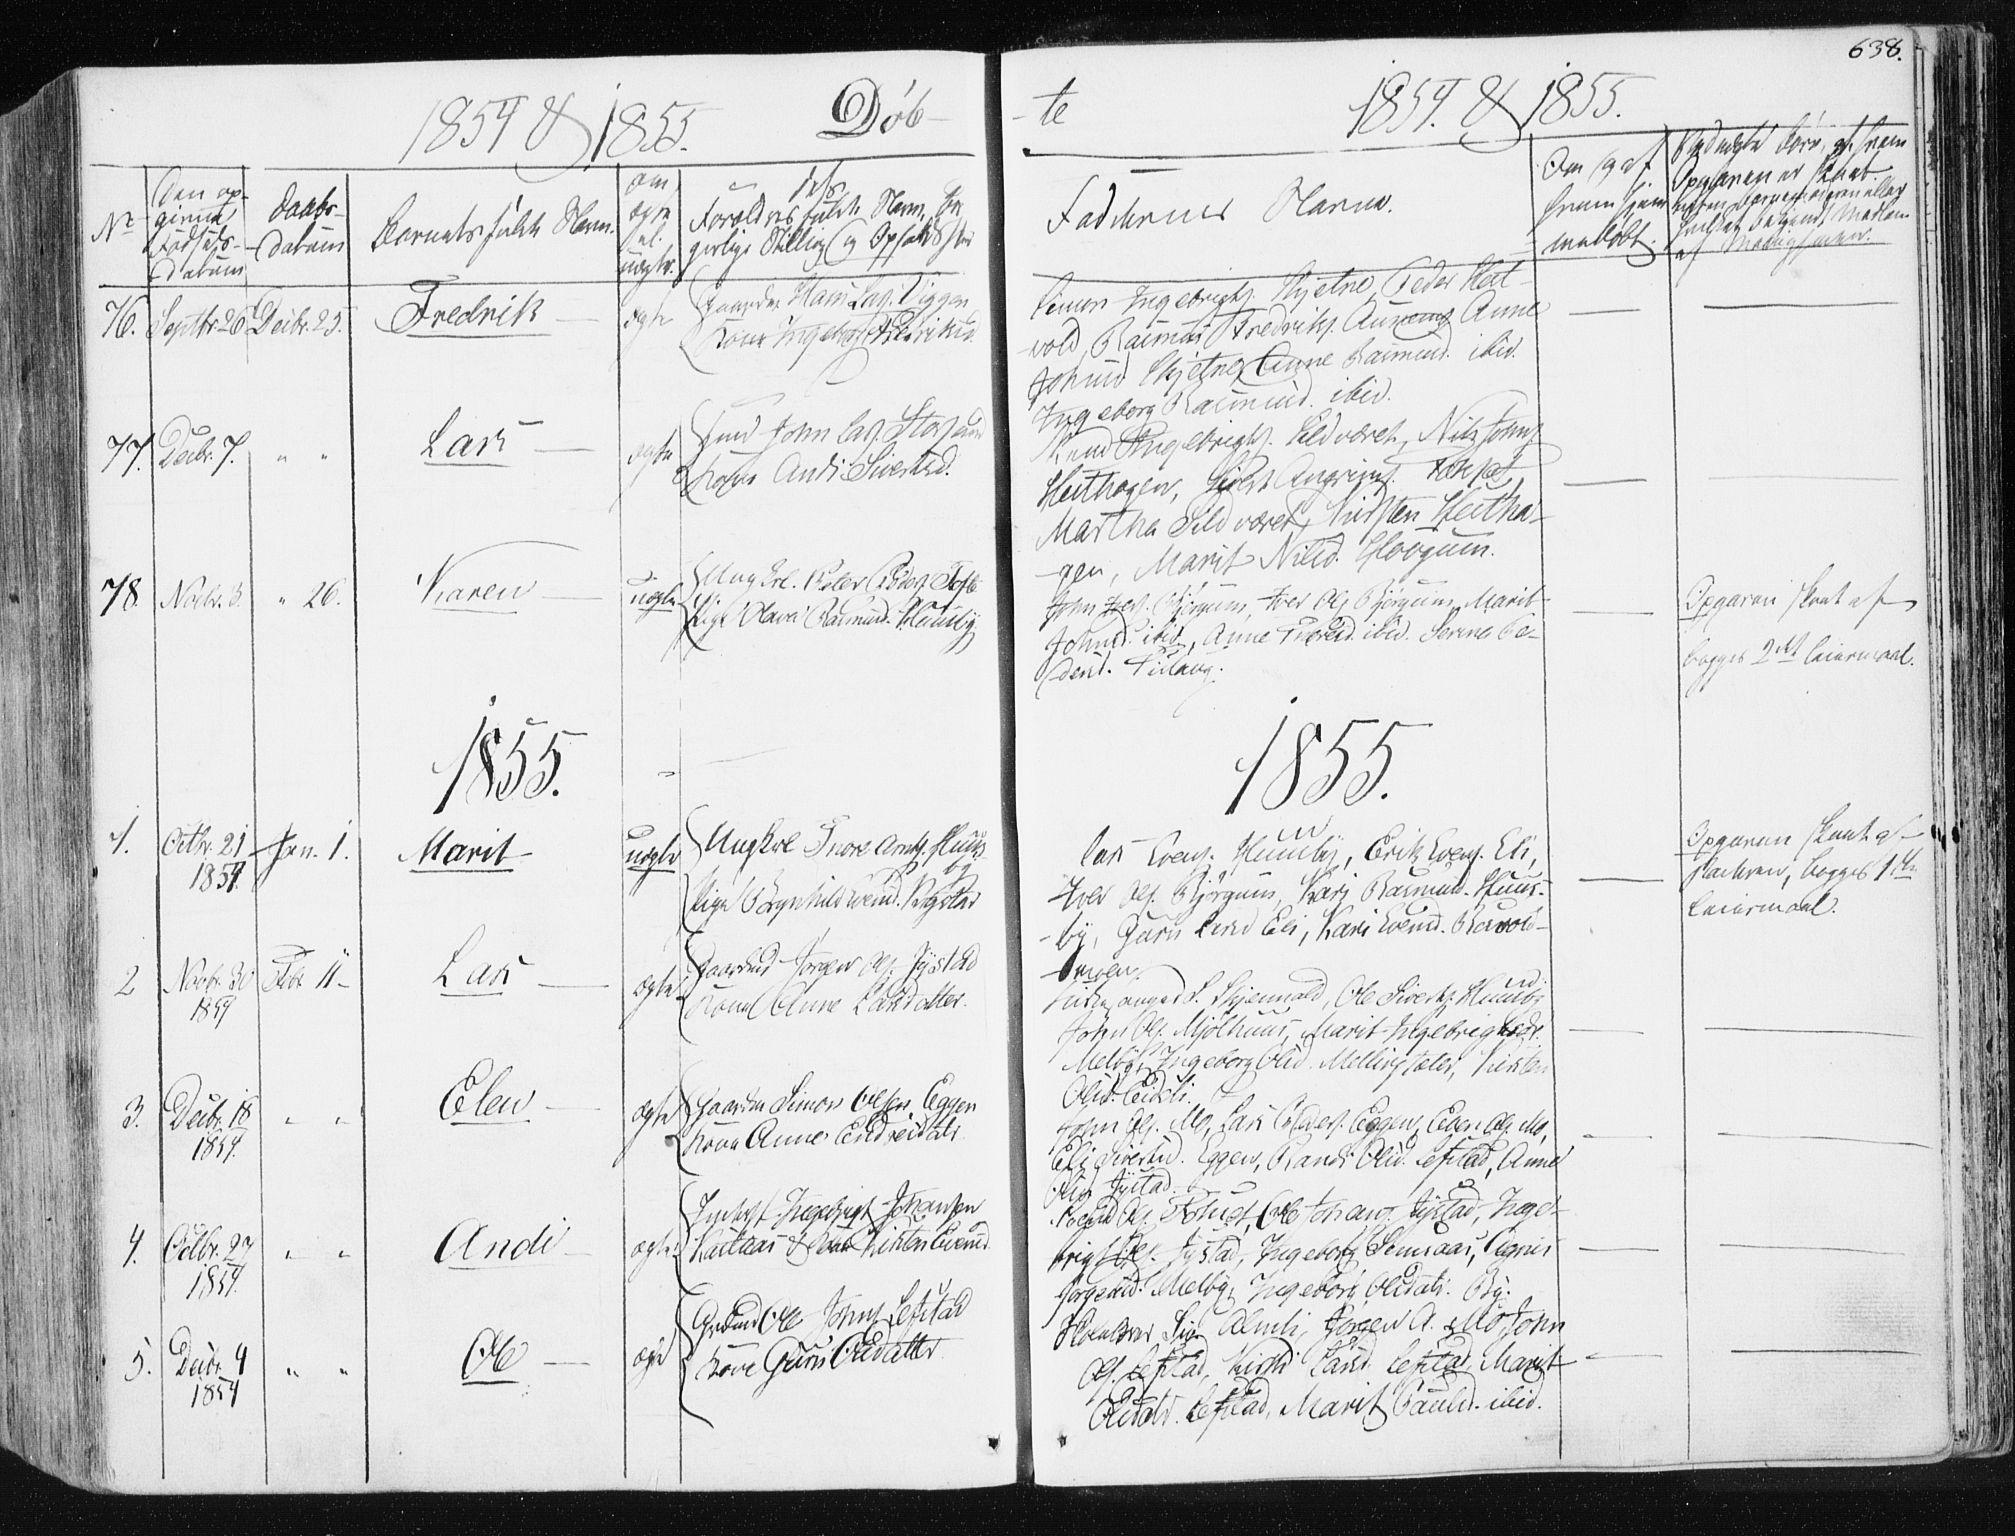 SAT, Ministerialprotokoller, klokkerbøker og fødselsregistre - Sør-Trøndelag, 665/L0771: Ministerialbok nr. 665A06, 1830-1856, s. 638